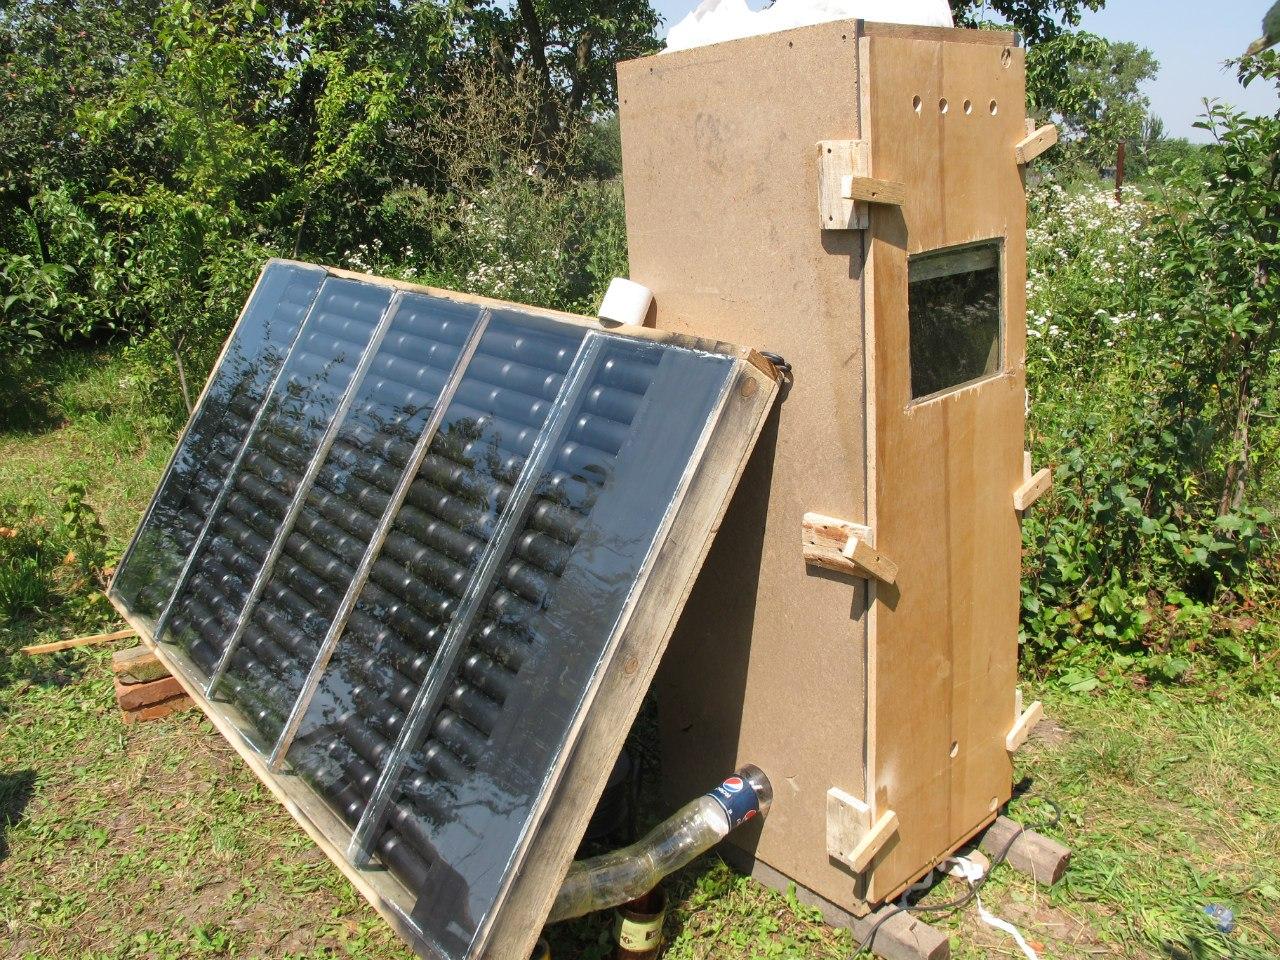 Воздушный солнечный коллектор для отопления дома своими руками: принцип работы, сборка устройства